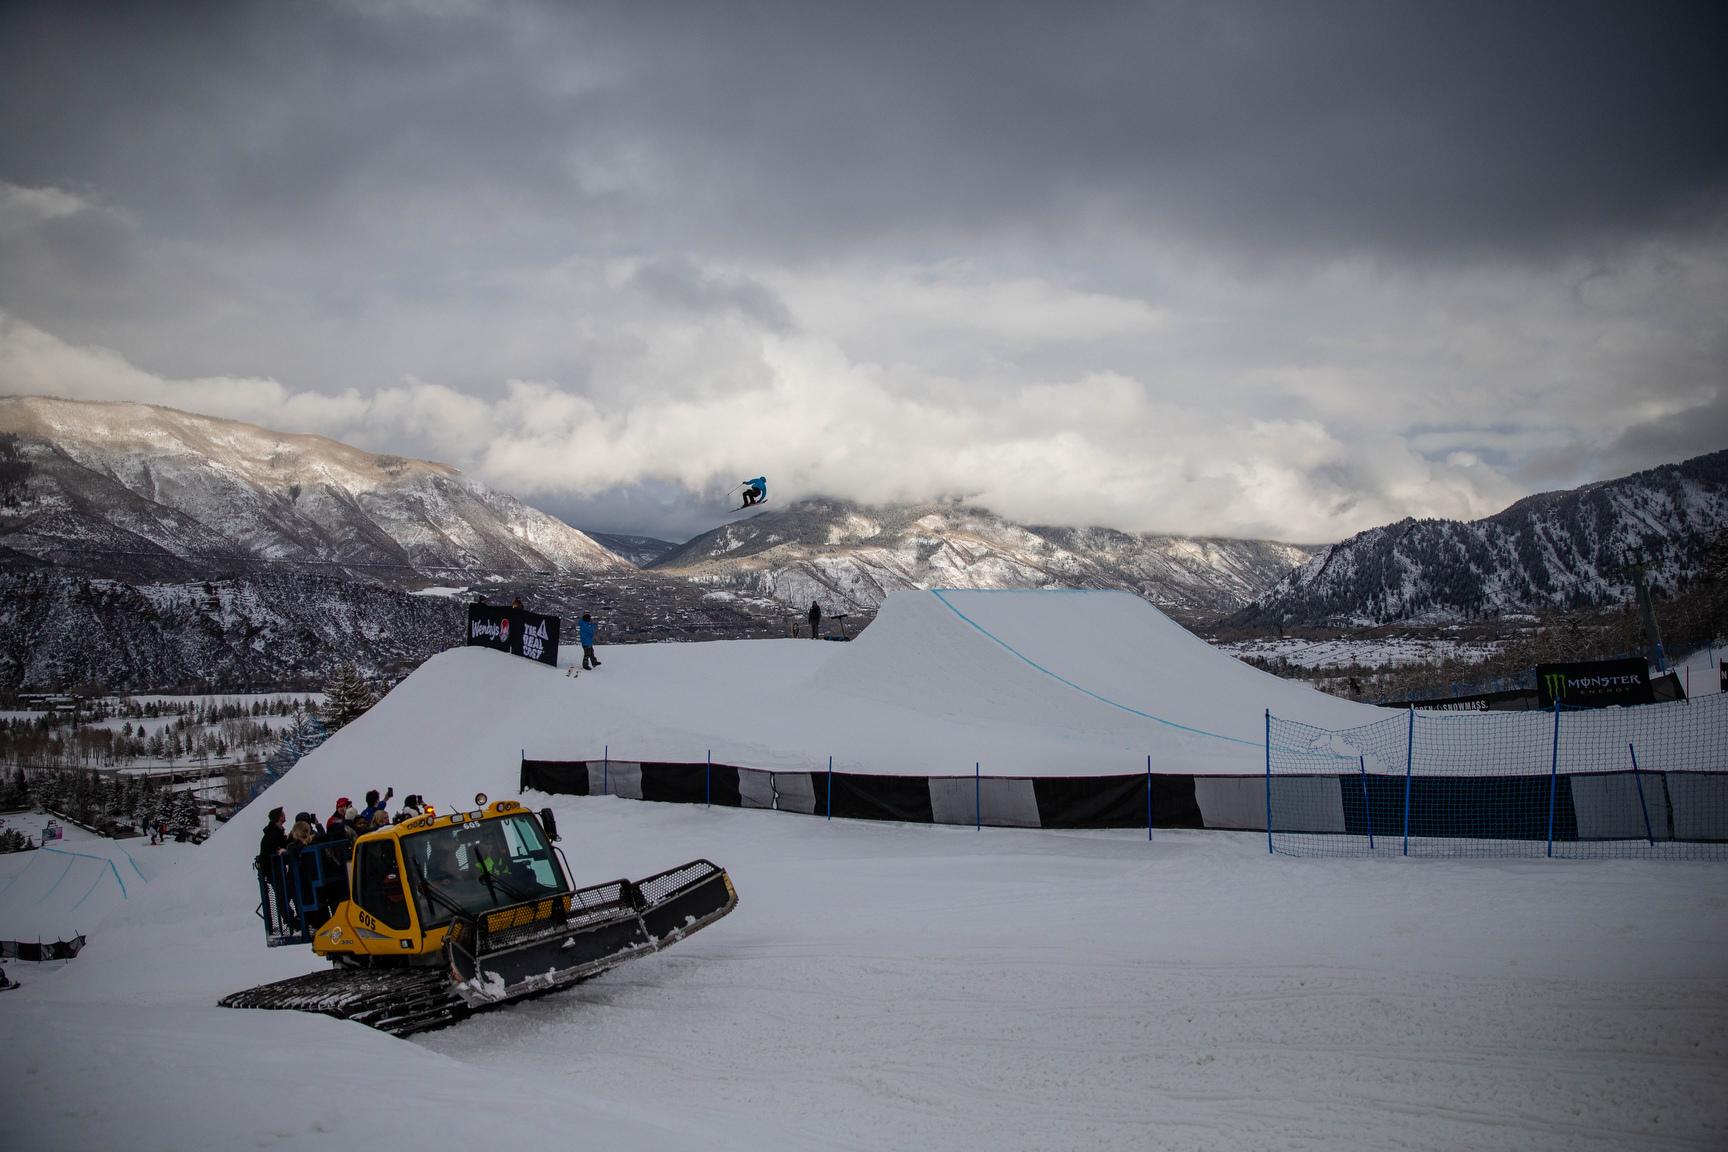 Isabel Atkin, W Ski Slopestyle Practice